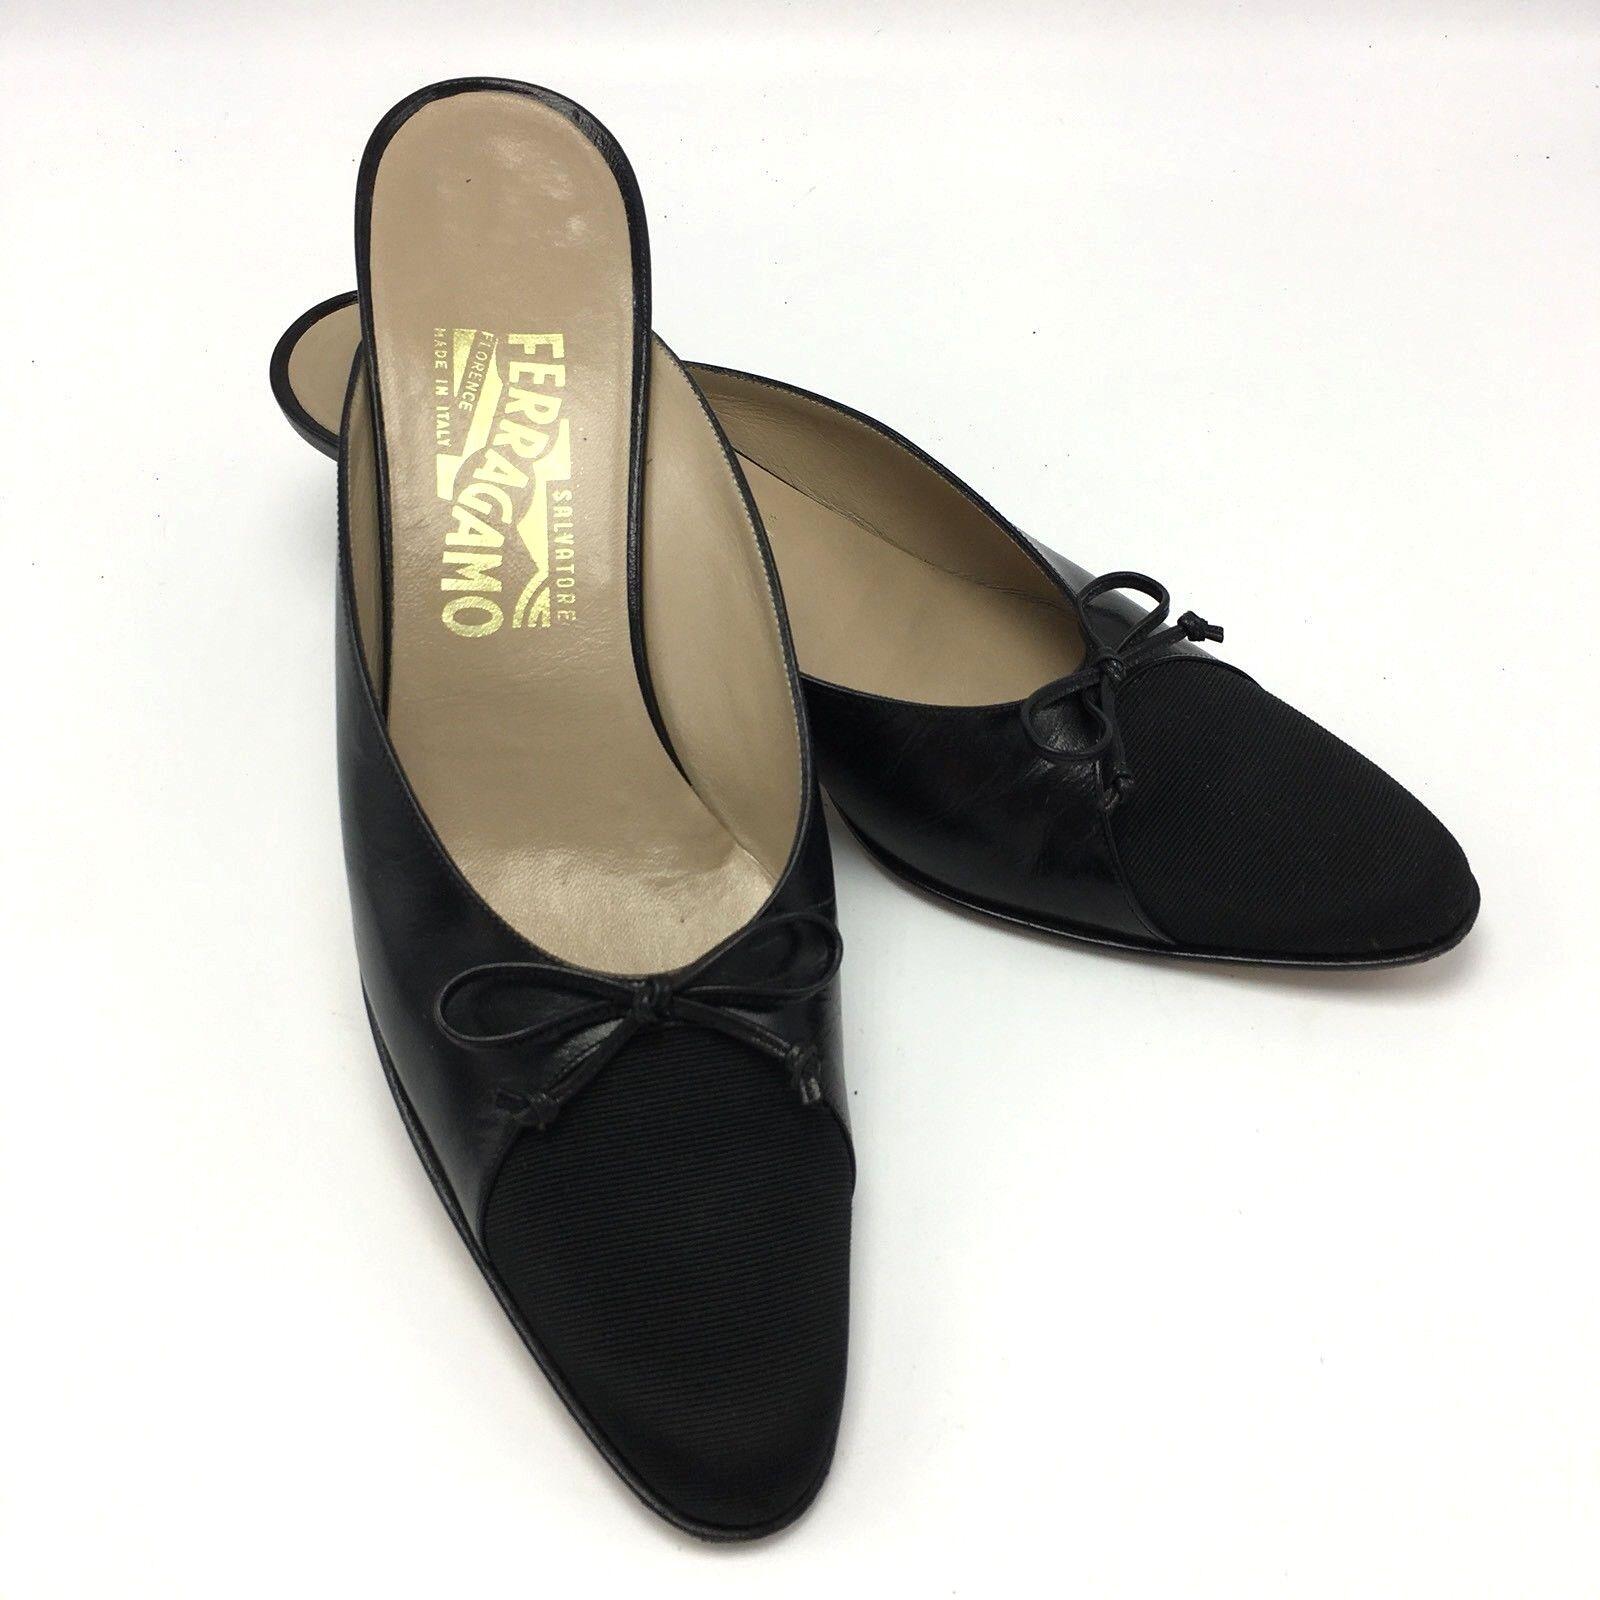 SALVATORE FERRAGAMO chaussures en cuir noir nœud petit talon mules gros-grain 9 étroit